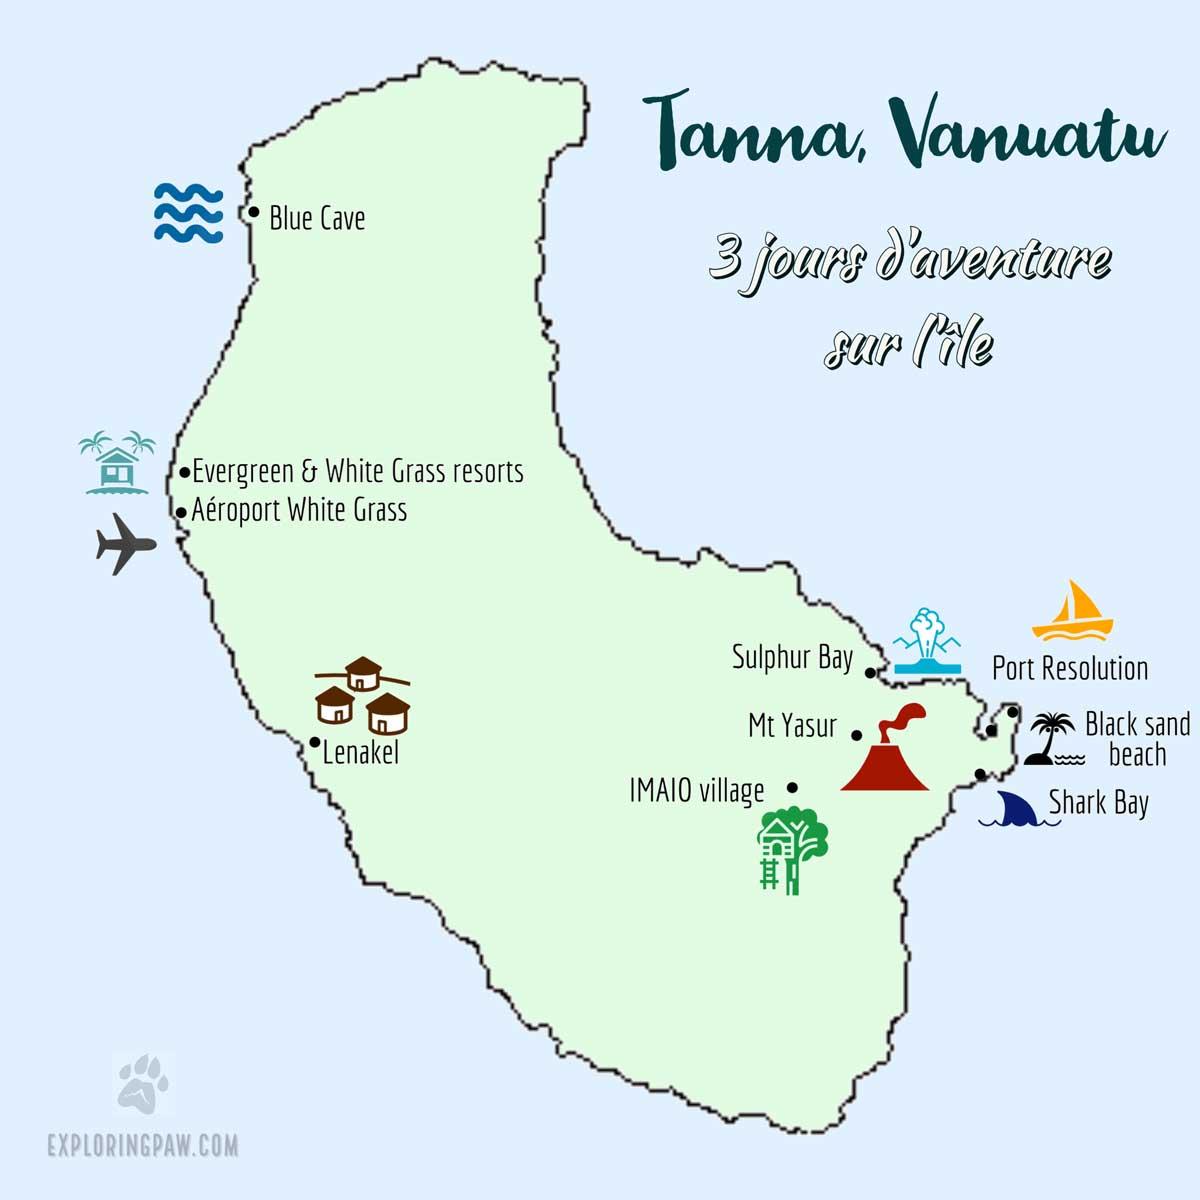 Carte de Tanna au Vanuatu avec les différentes expériences faites